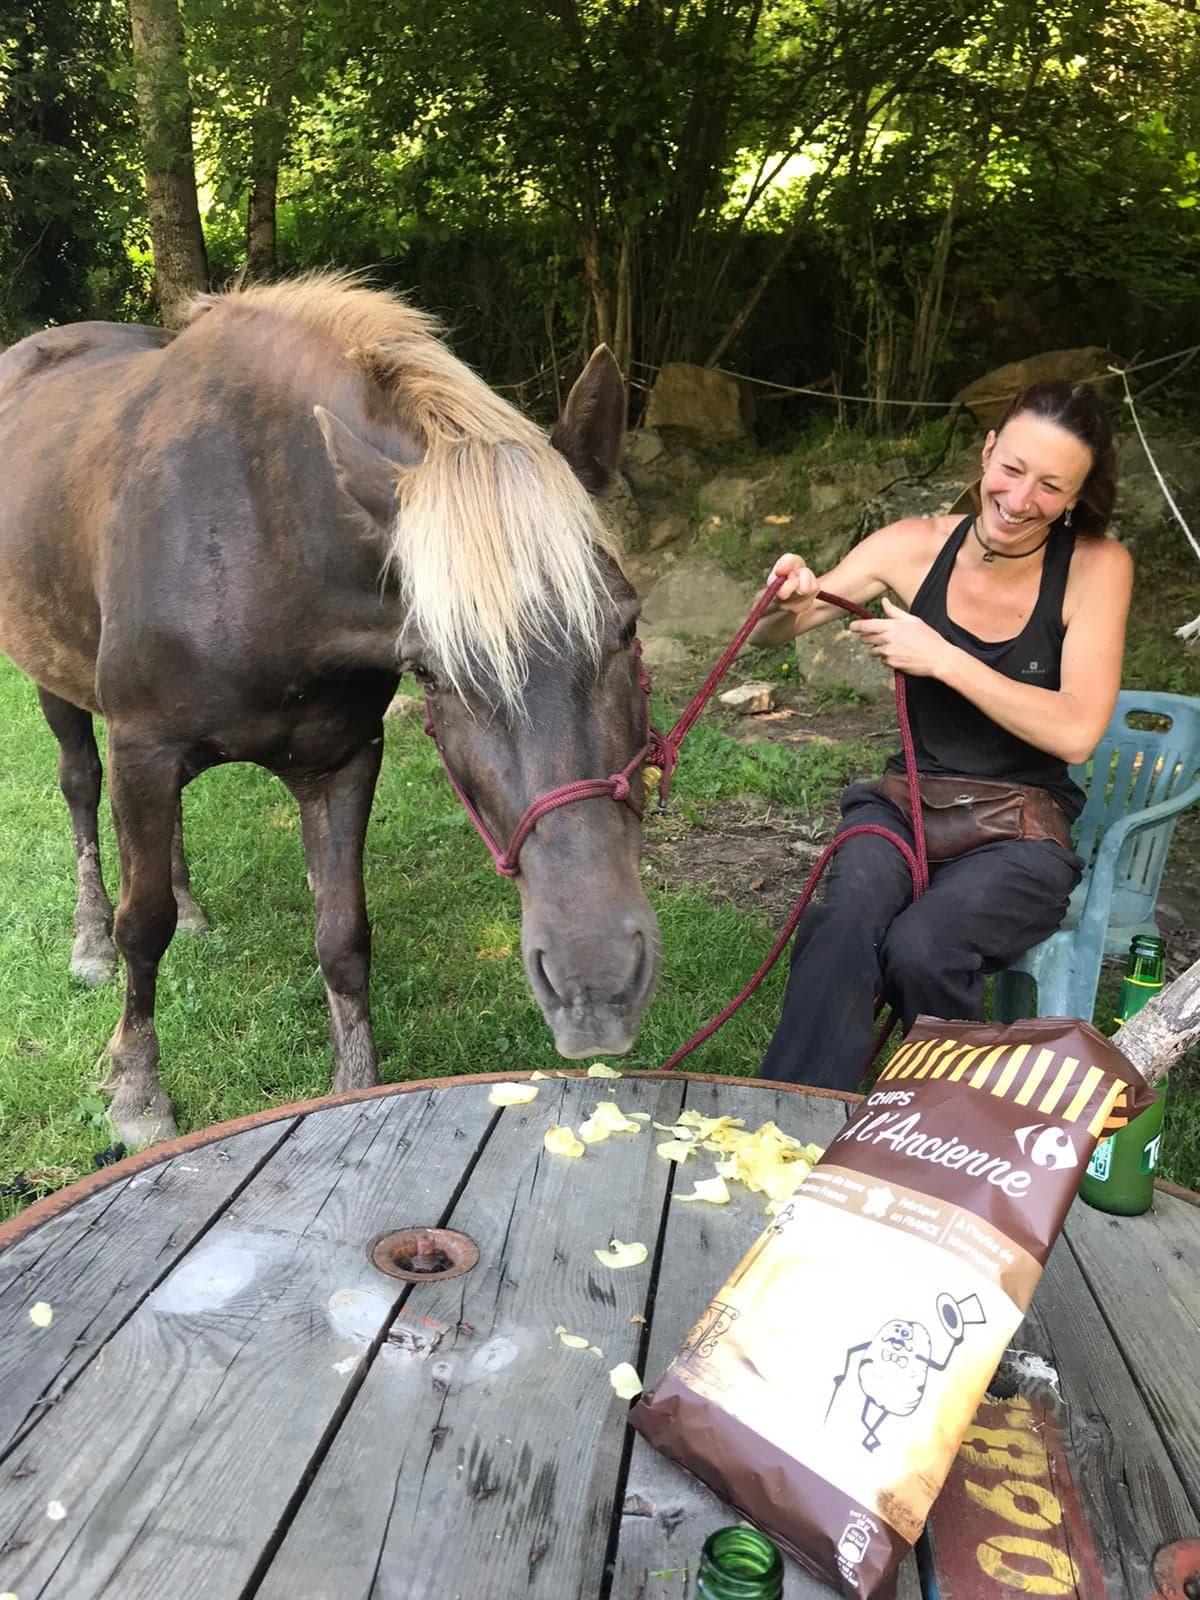 ANAIS, accompagnatrice des balades (ATE), soigneuse et éducatrice des poneys et chevaux (méthode Parelli)